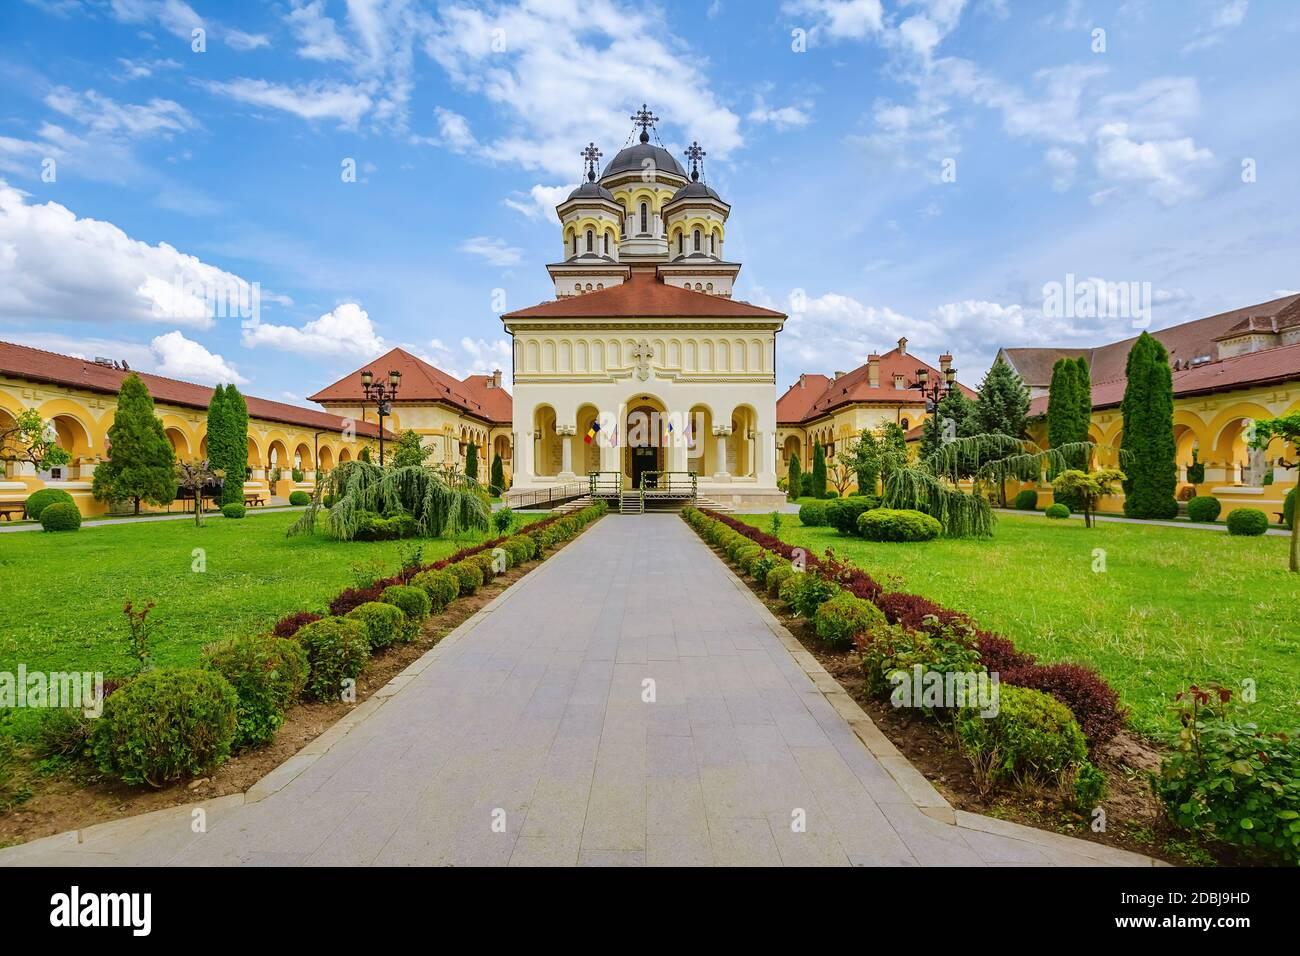 Cathédrale de couronnement à la Citadelle d'Alba, en Caroline. Alba Iulia, Roumanie Banque D'Images